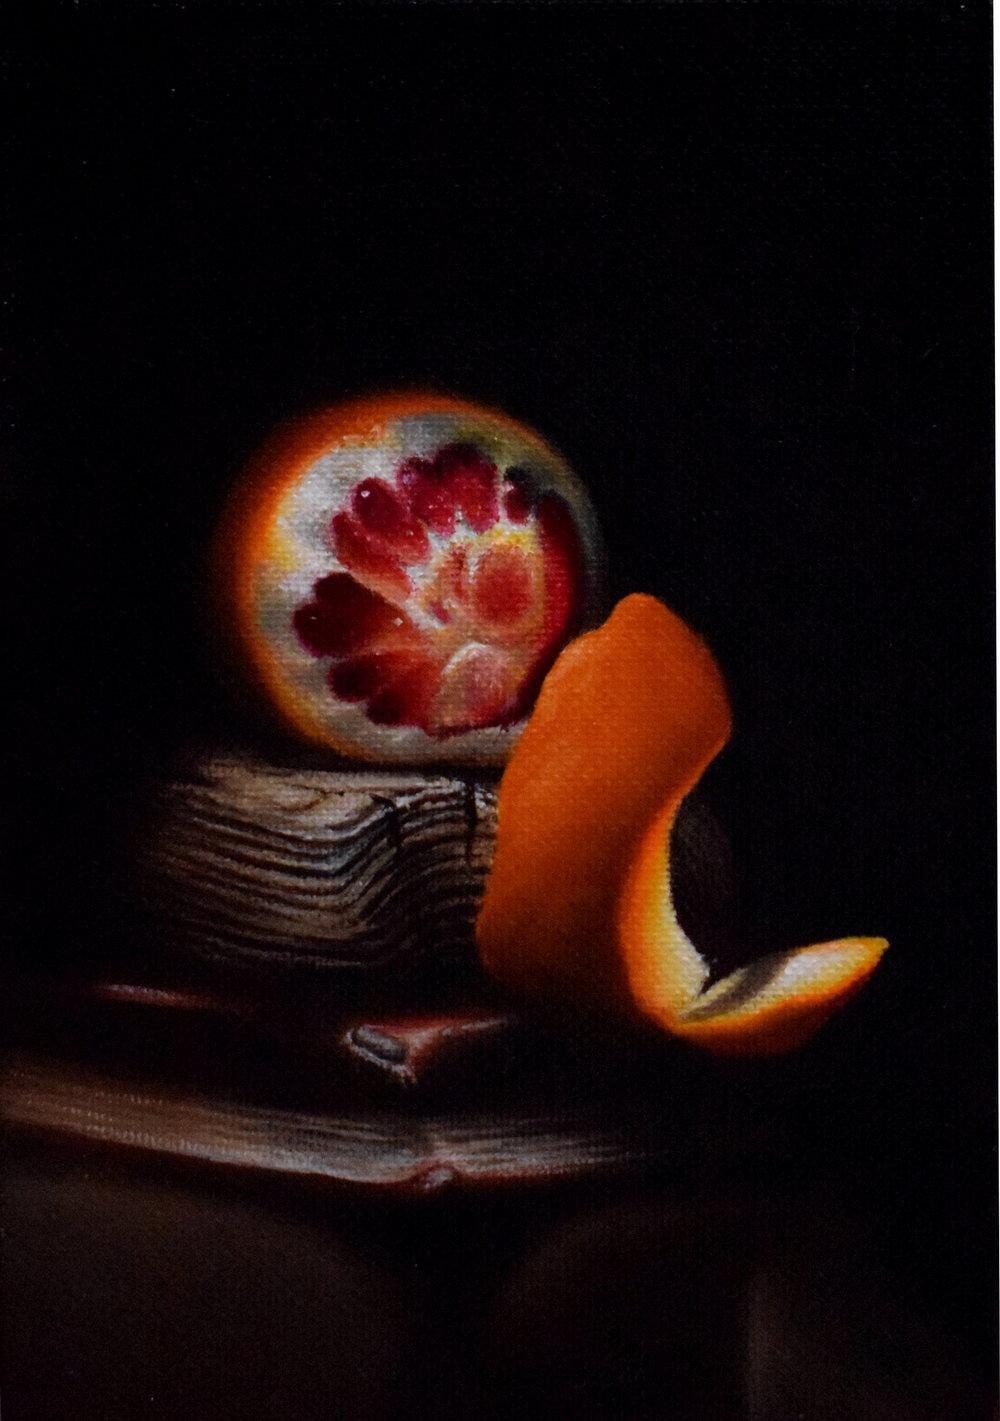 VoV_blood orange b.JPG